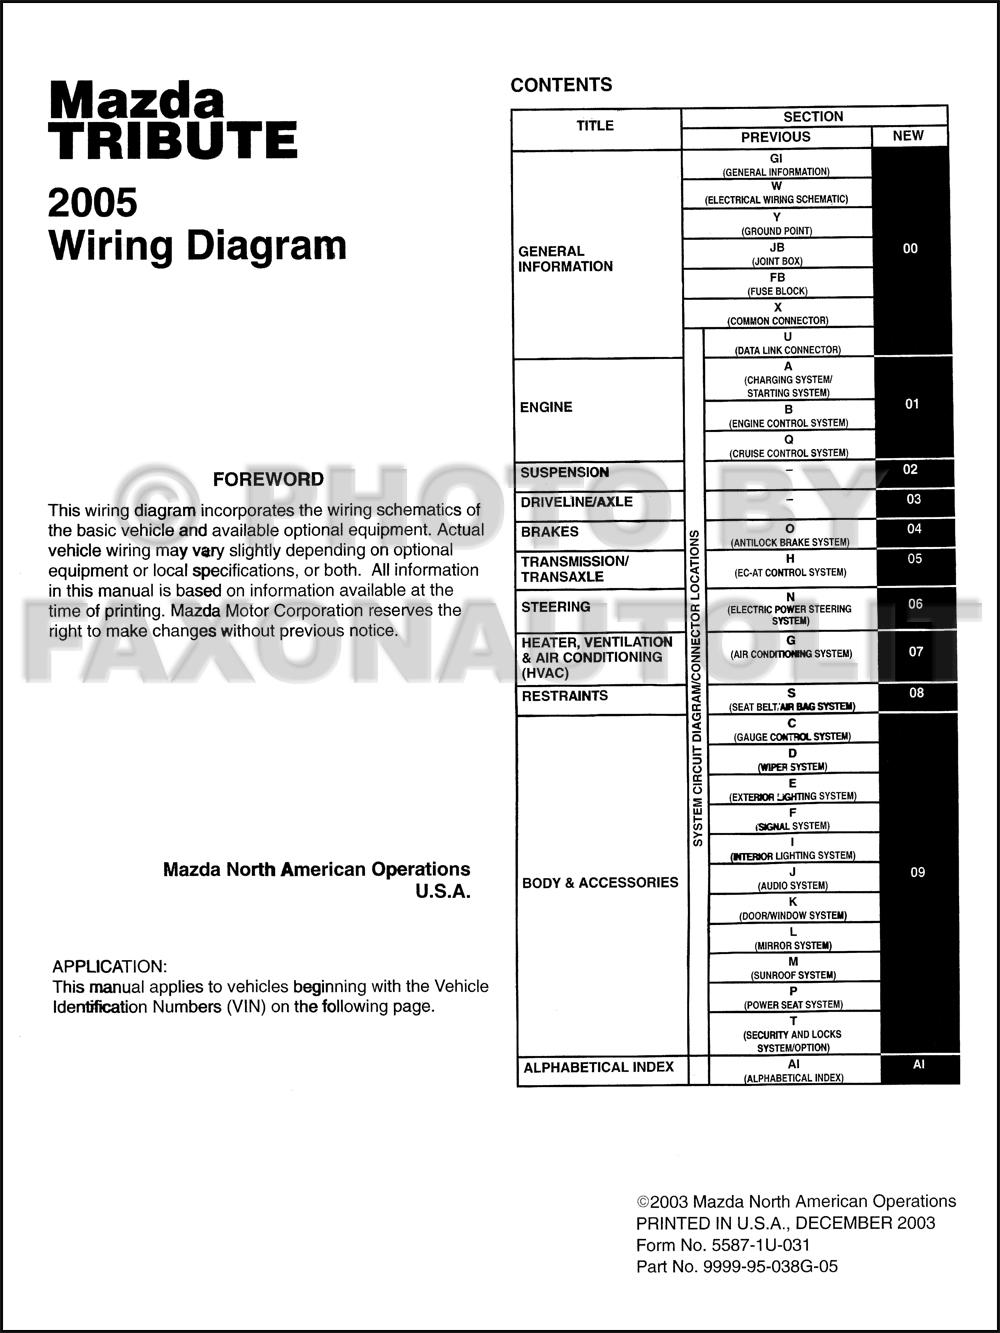 2002 mazda tribute radio wiring diagram 2002 image 2005 mazda tribute fuse box diagram jodebal com on 2002 mazda tribute radio wiring diagram